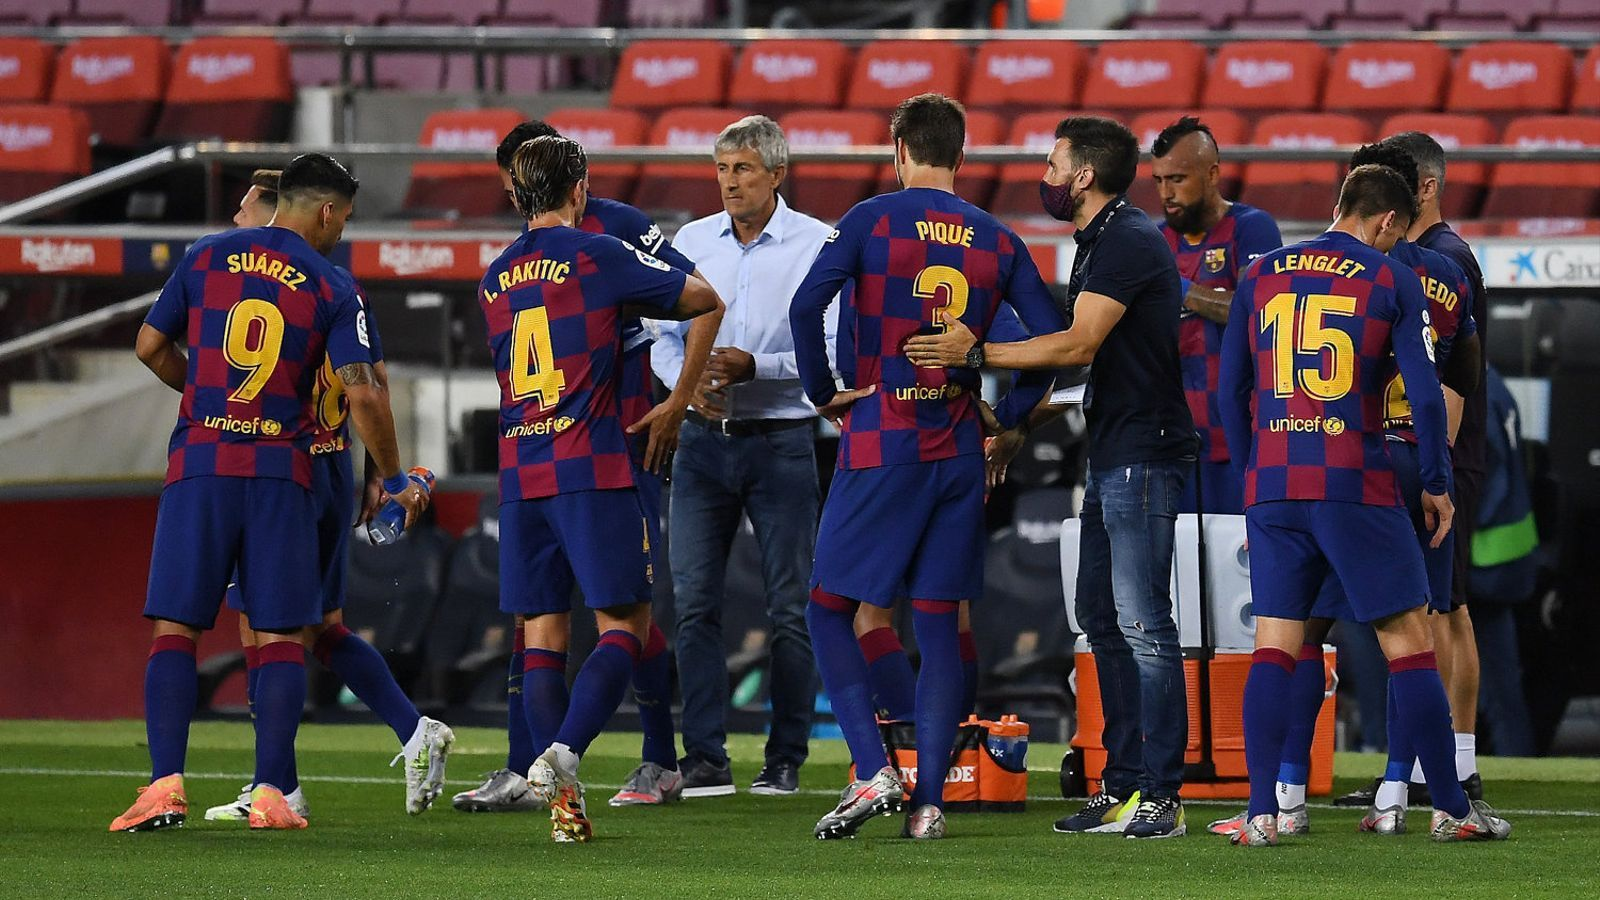 Els jugadors del Barça refrescant-se durant un partit mentre reben instruccions de Setién.